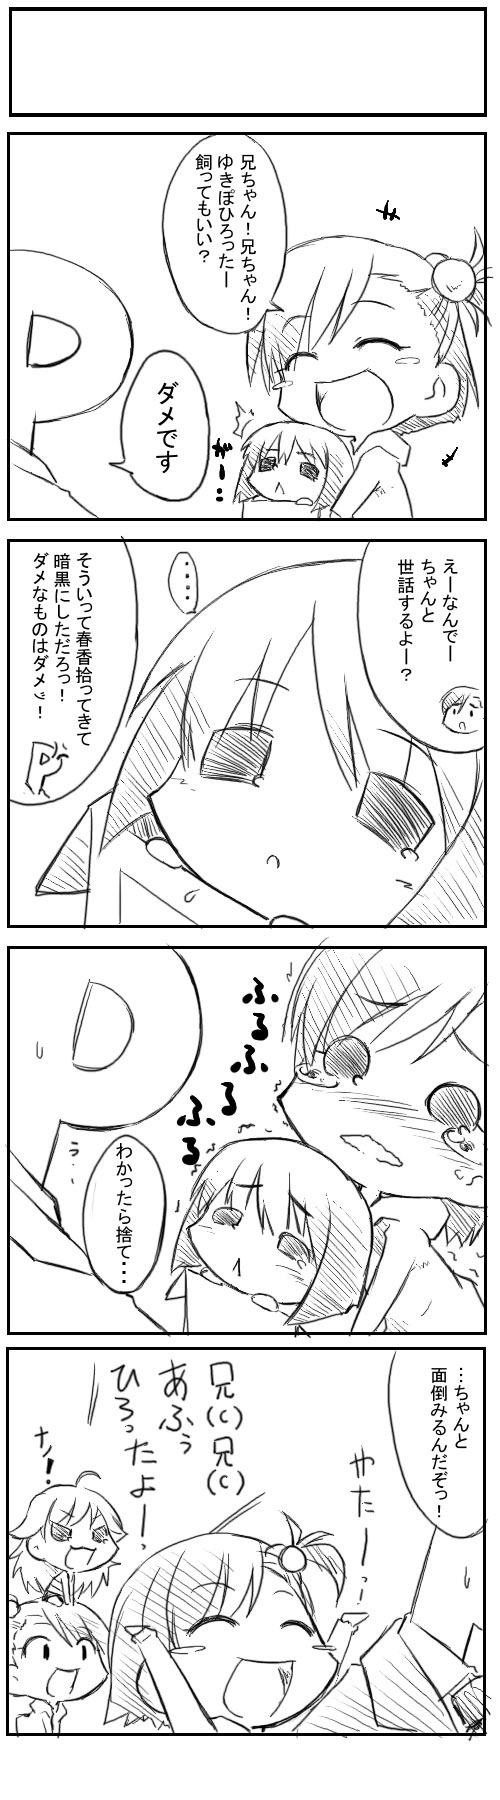 idol_11.jpg